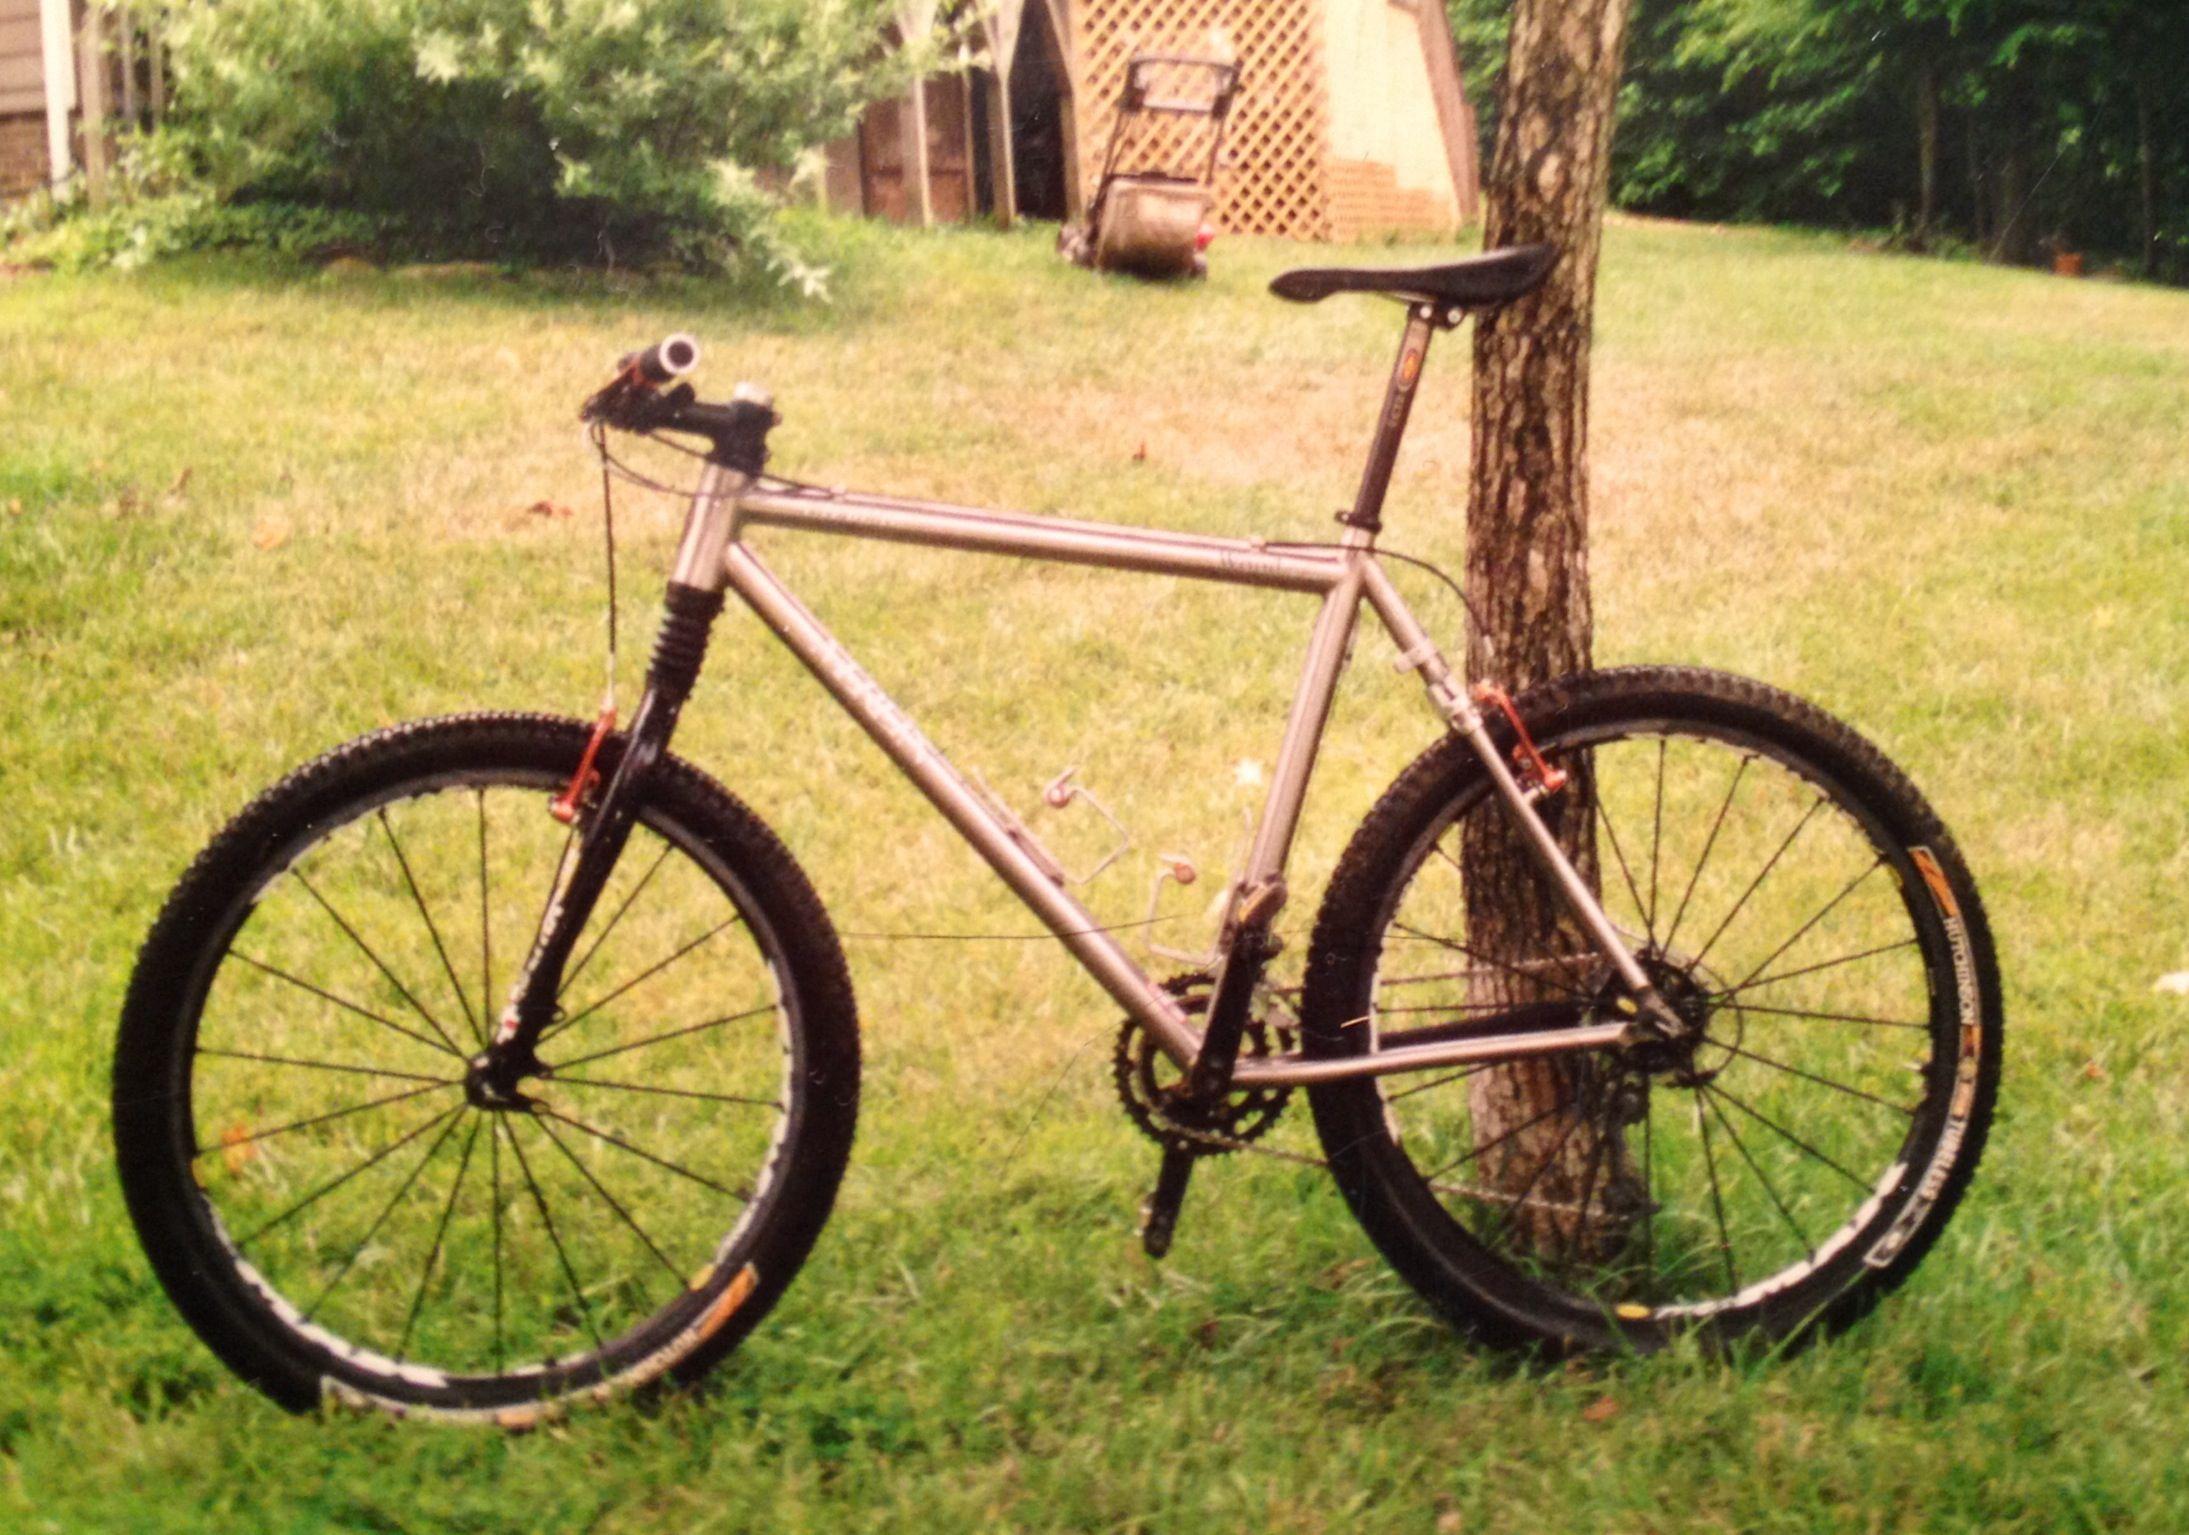 Cannondale Headshok Mountain Bicycle Stem